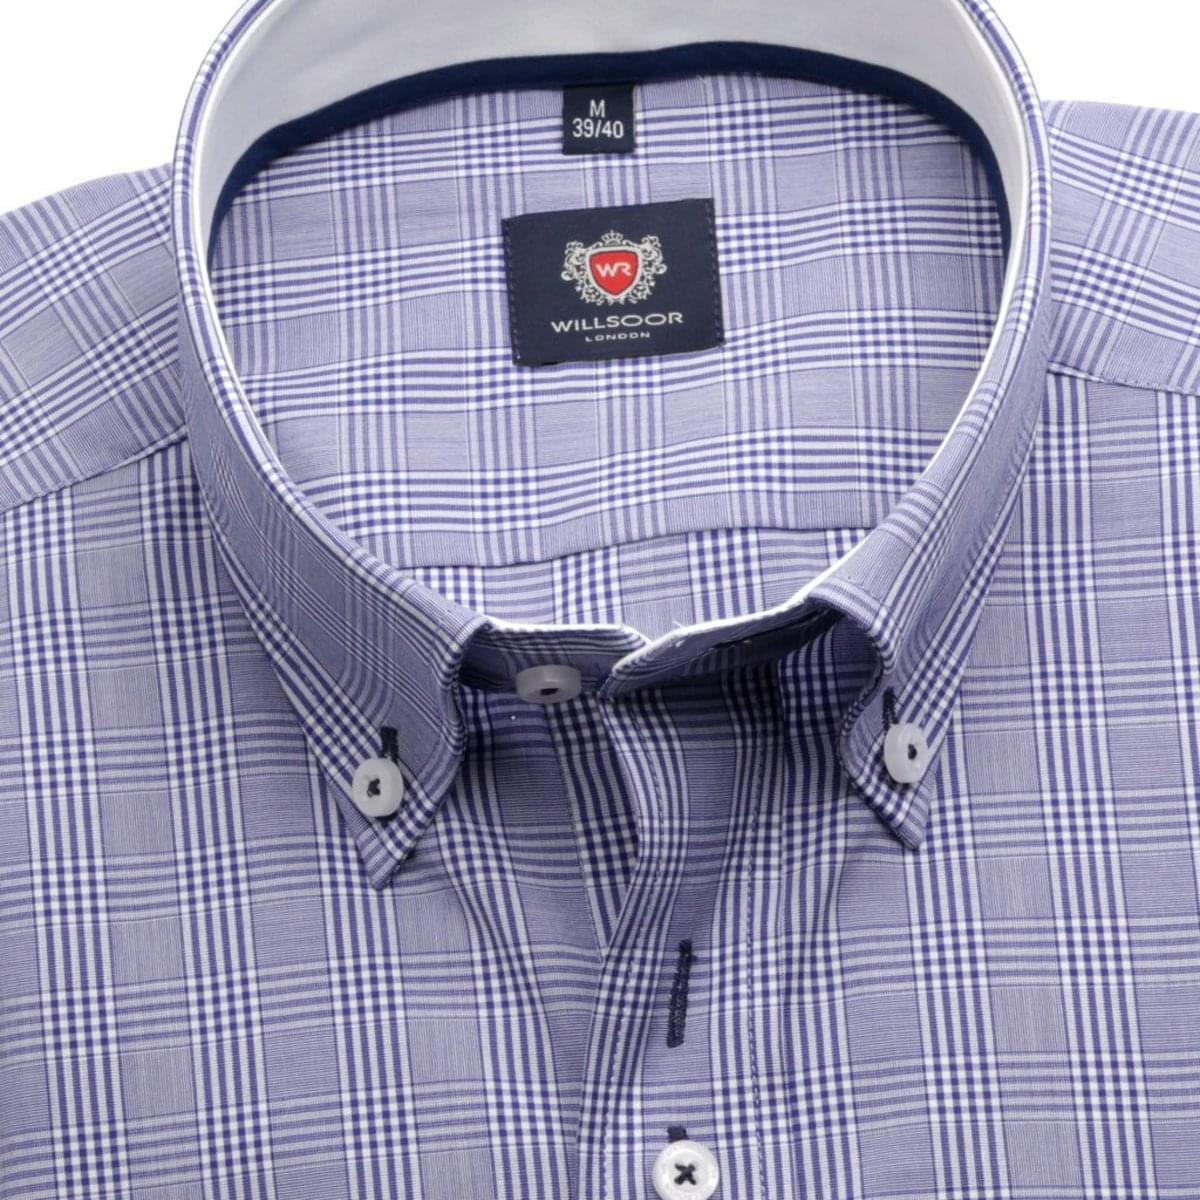 Pánská košile London ve fialkové barvě (výška 176-182) 5493 176-182 / XL (43/44)